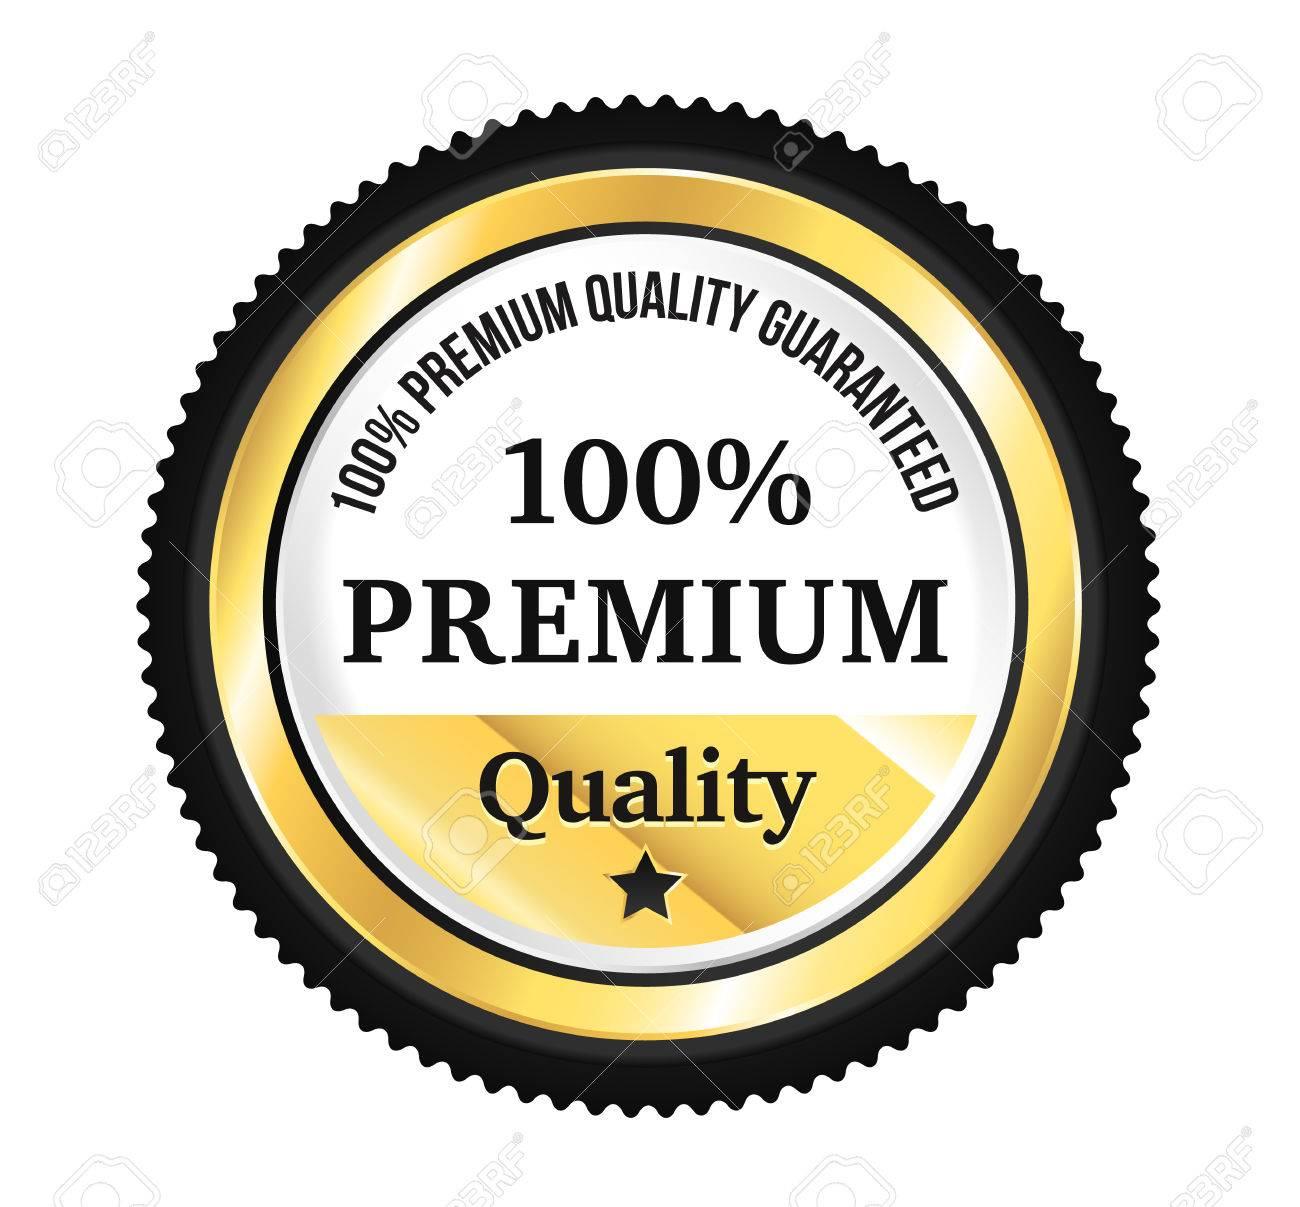 45510127-golden-premium-quality-badge